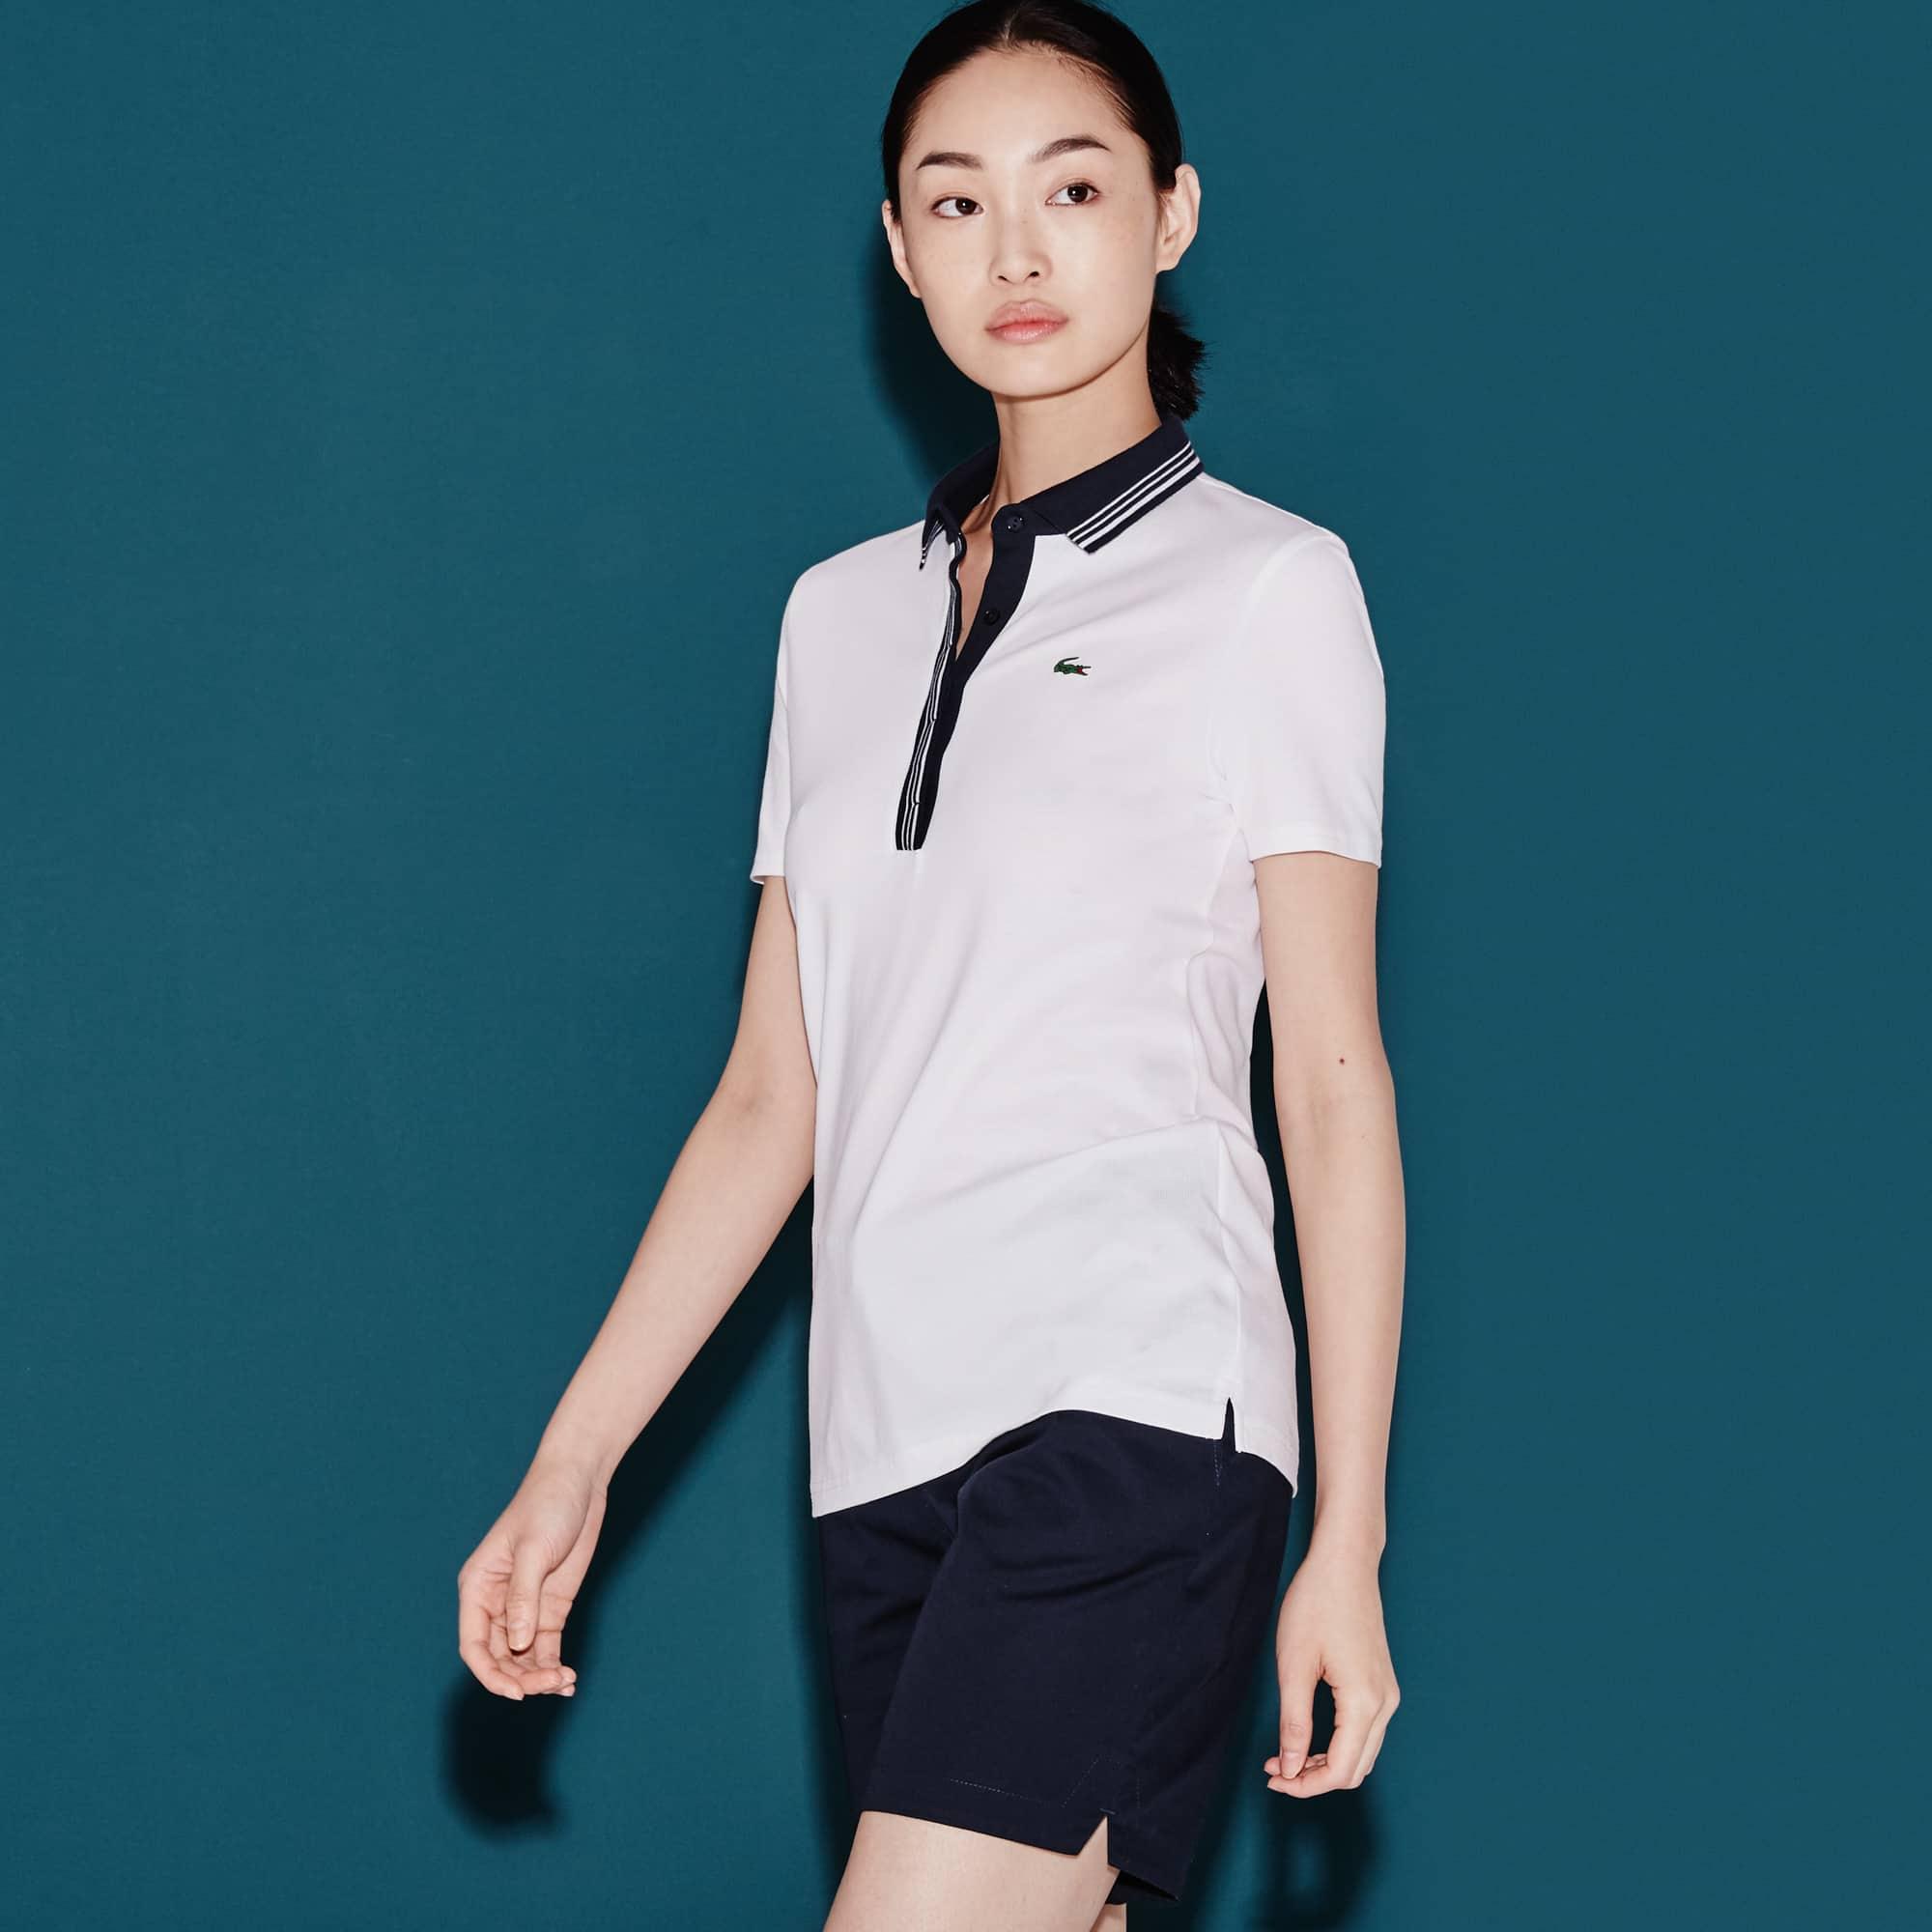 Damen-Polo aus ultraleichter Strickware LACOSTE SPORT GOLF